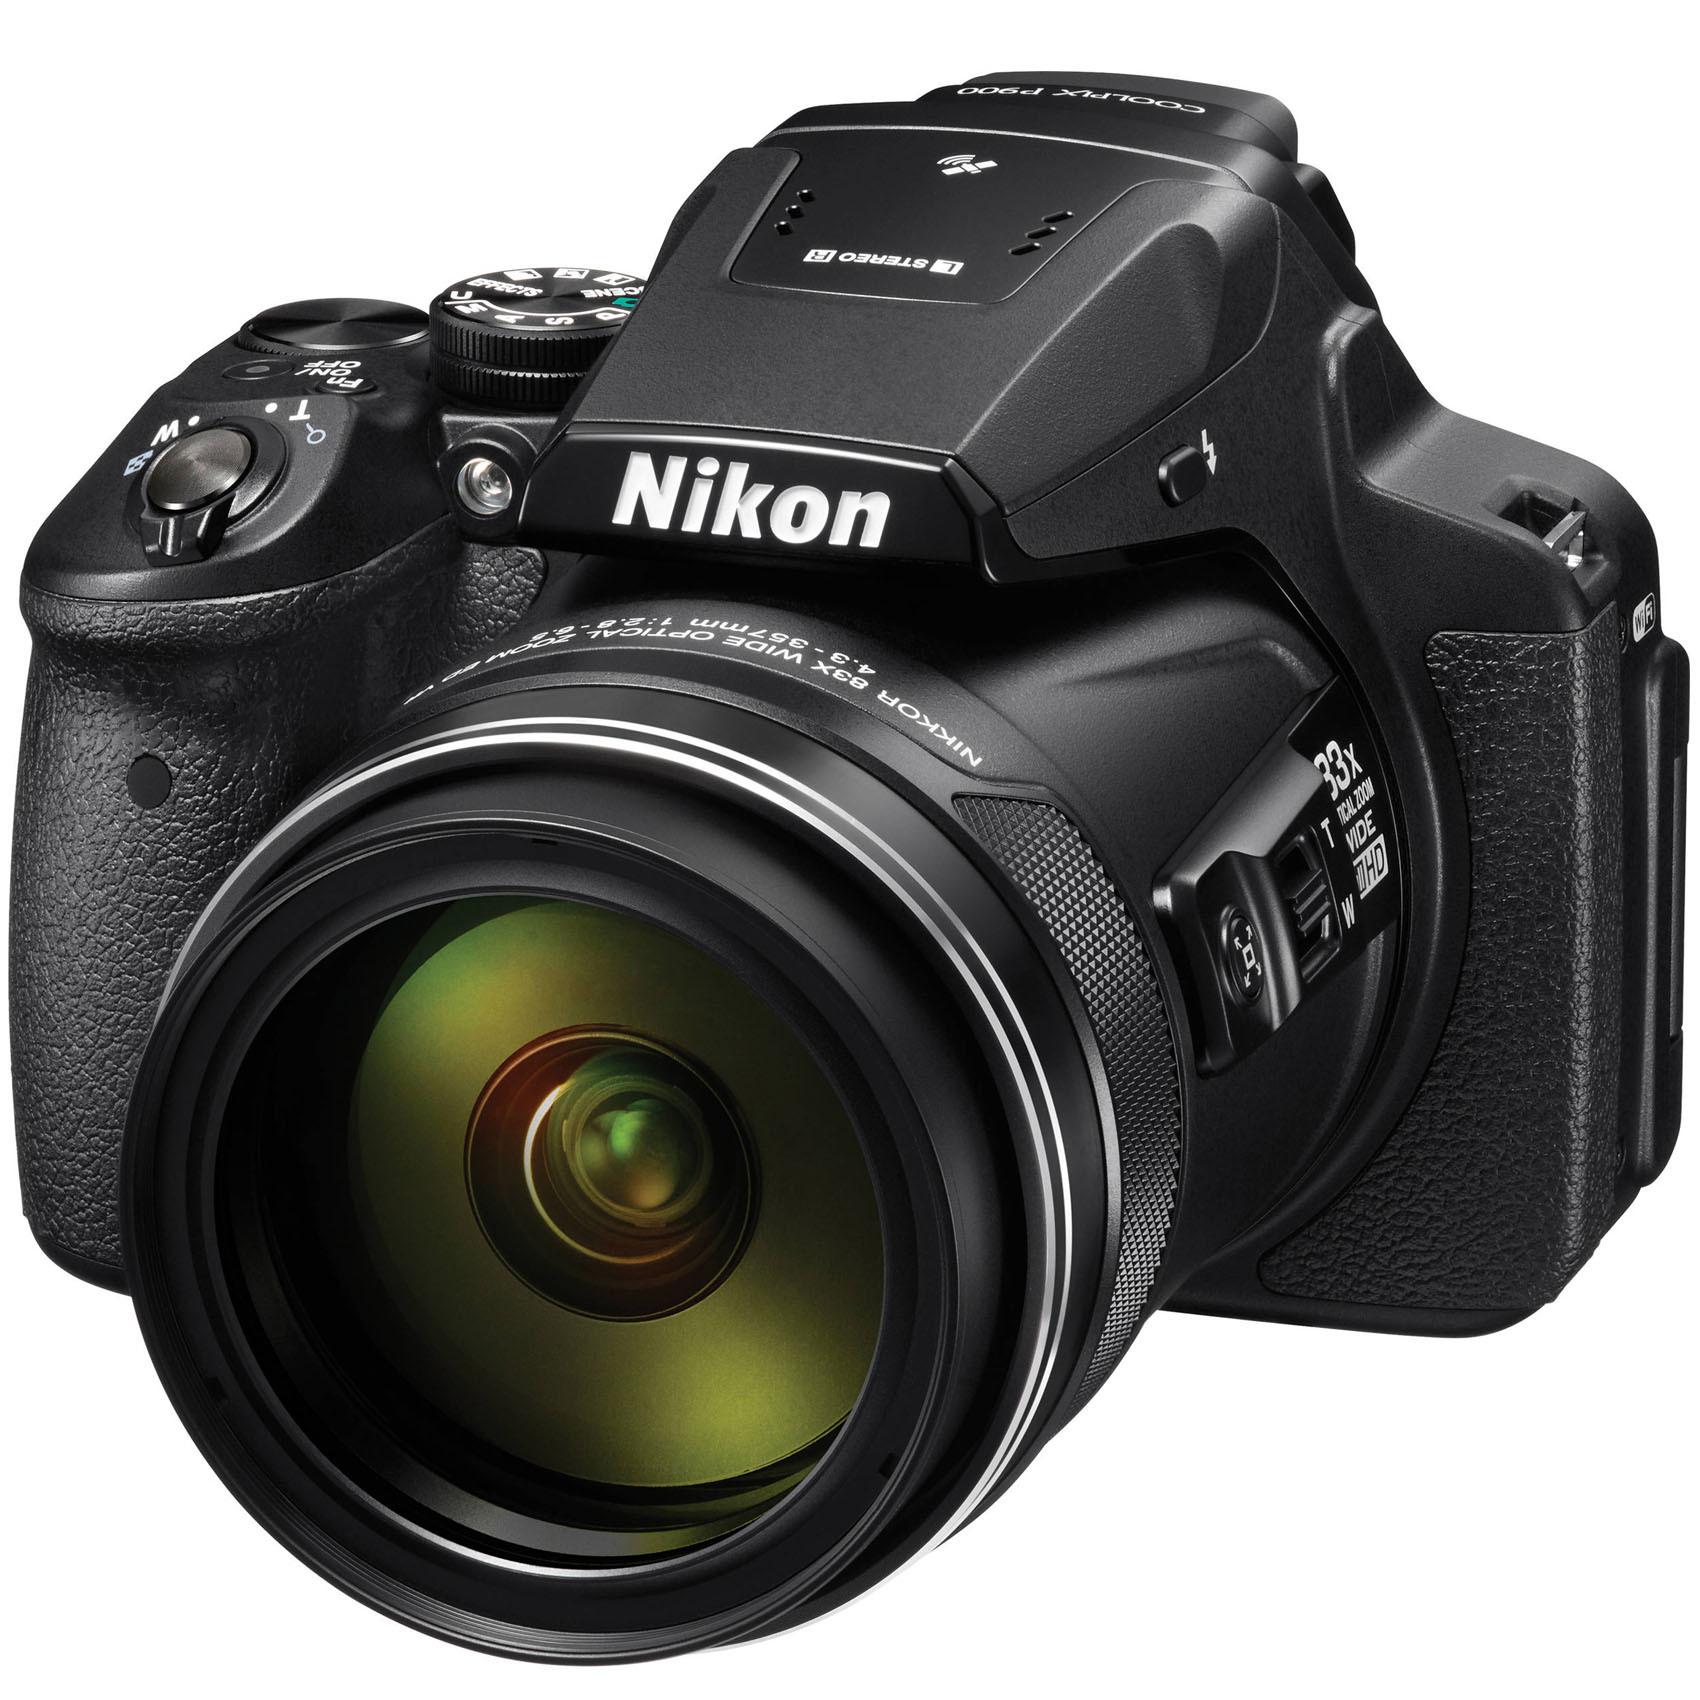 CMR P900 NIKON+16GB+CASE